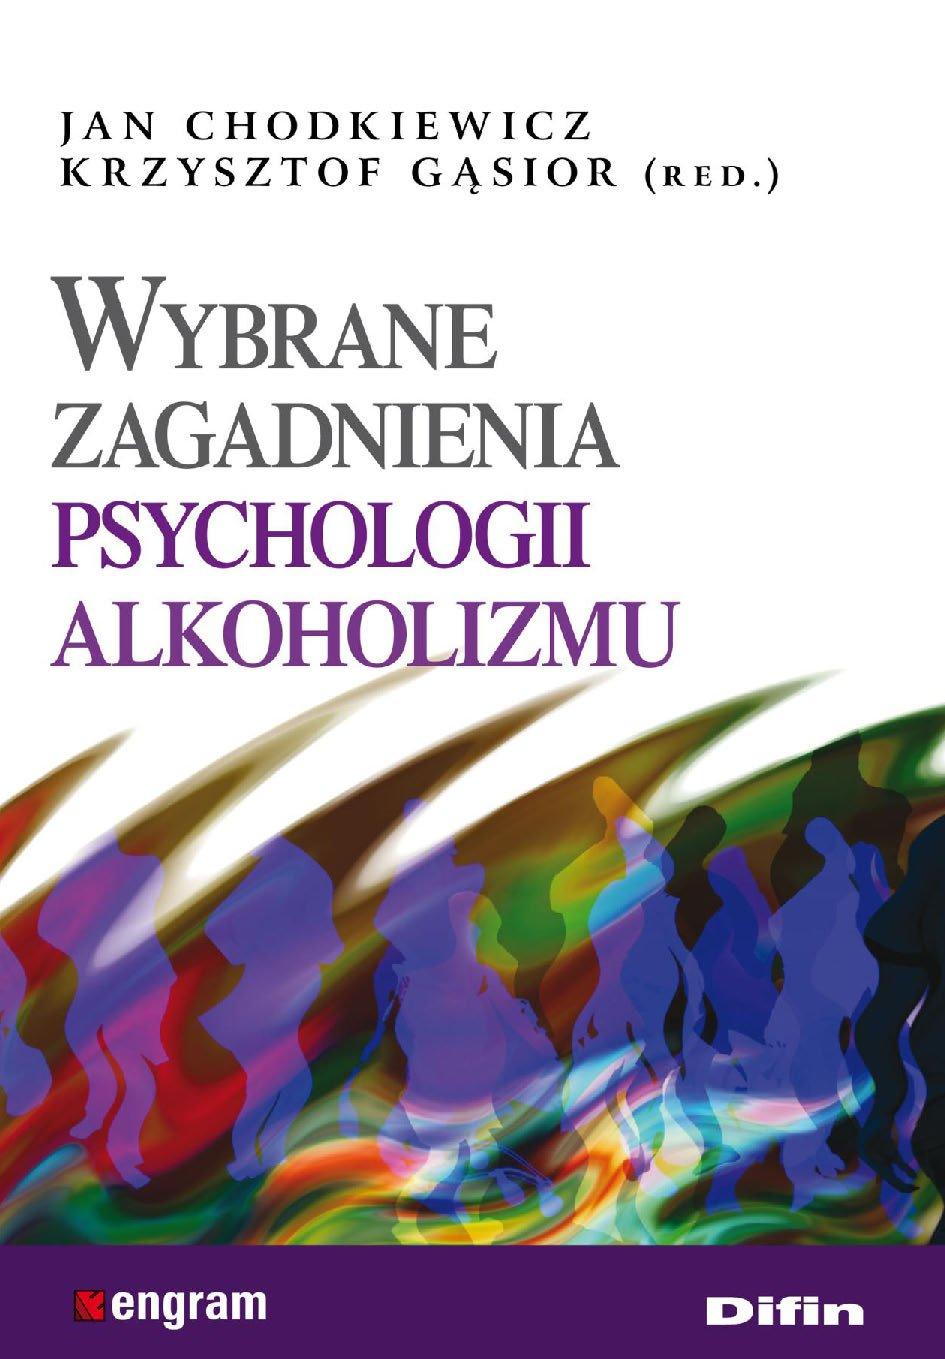 Wybrane zagadnienia psychologii alkoholizmu - Ebook (Książka PDF) do pobrania w formacie PDF